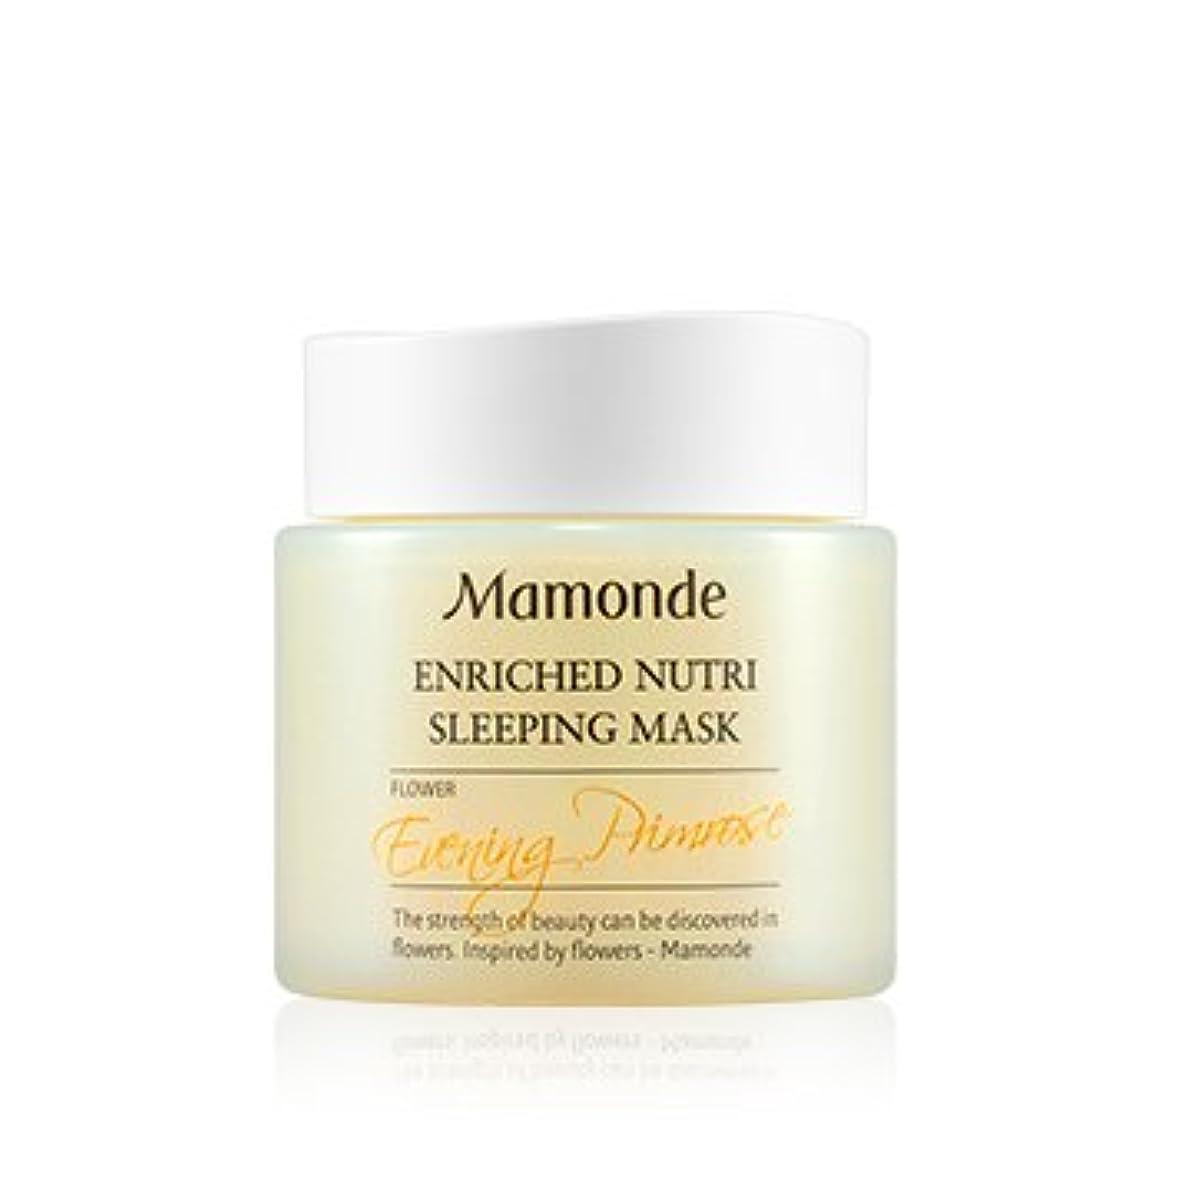 標準剥ぎ取るドラフト[New] Mamonde Enriched Nutri Sleeping Mask 100ml/マモンド エンリッチド ニュートリ スリーピング マスク 100ml [並行輸入品]